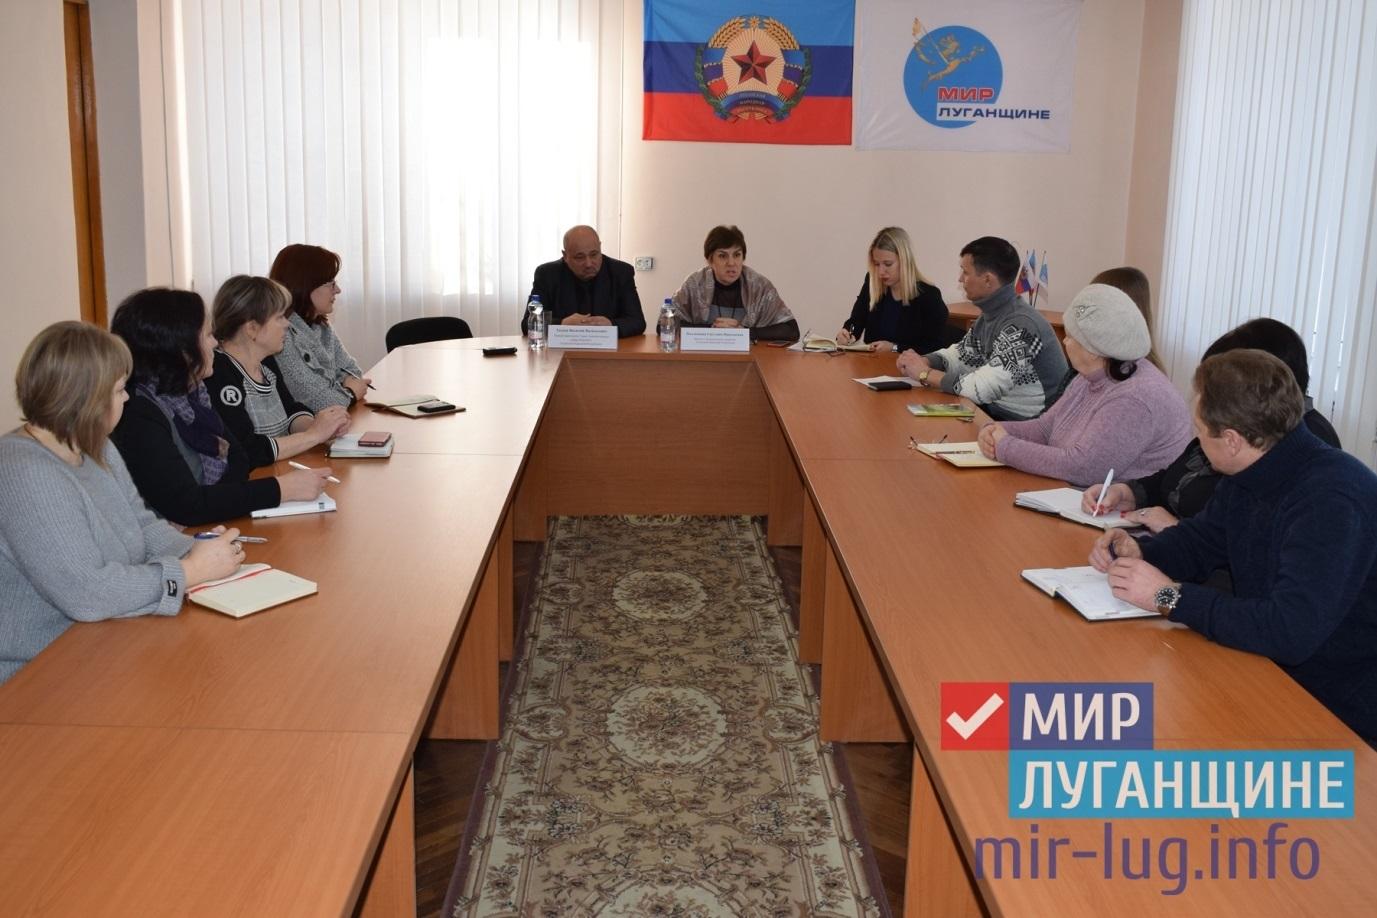 Министр экономразвития разъяснил жителям Кировска порядка закупки товаров, работ и услуг на территории ЛНР 1